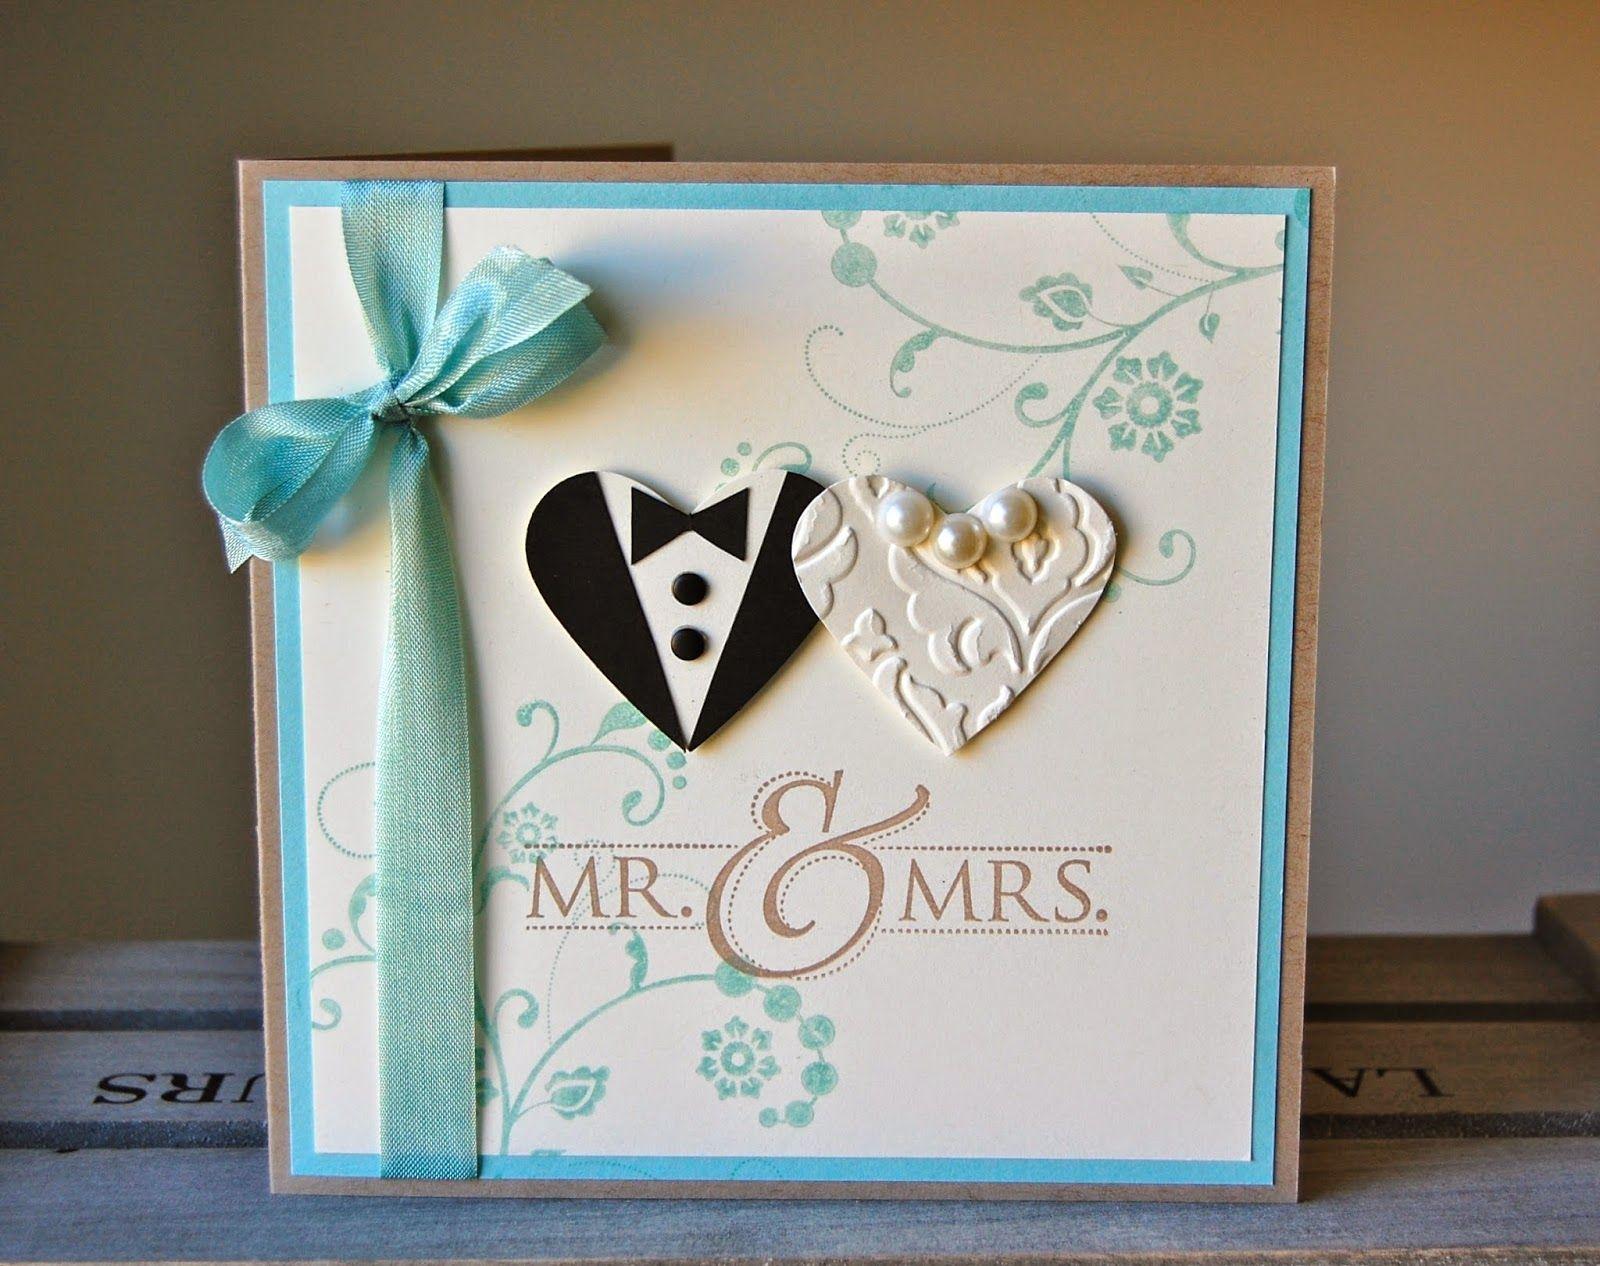 решил сделать красивую открытку на годовщину свадьбы снимках